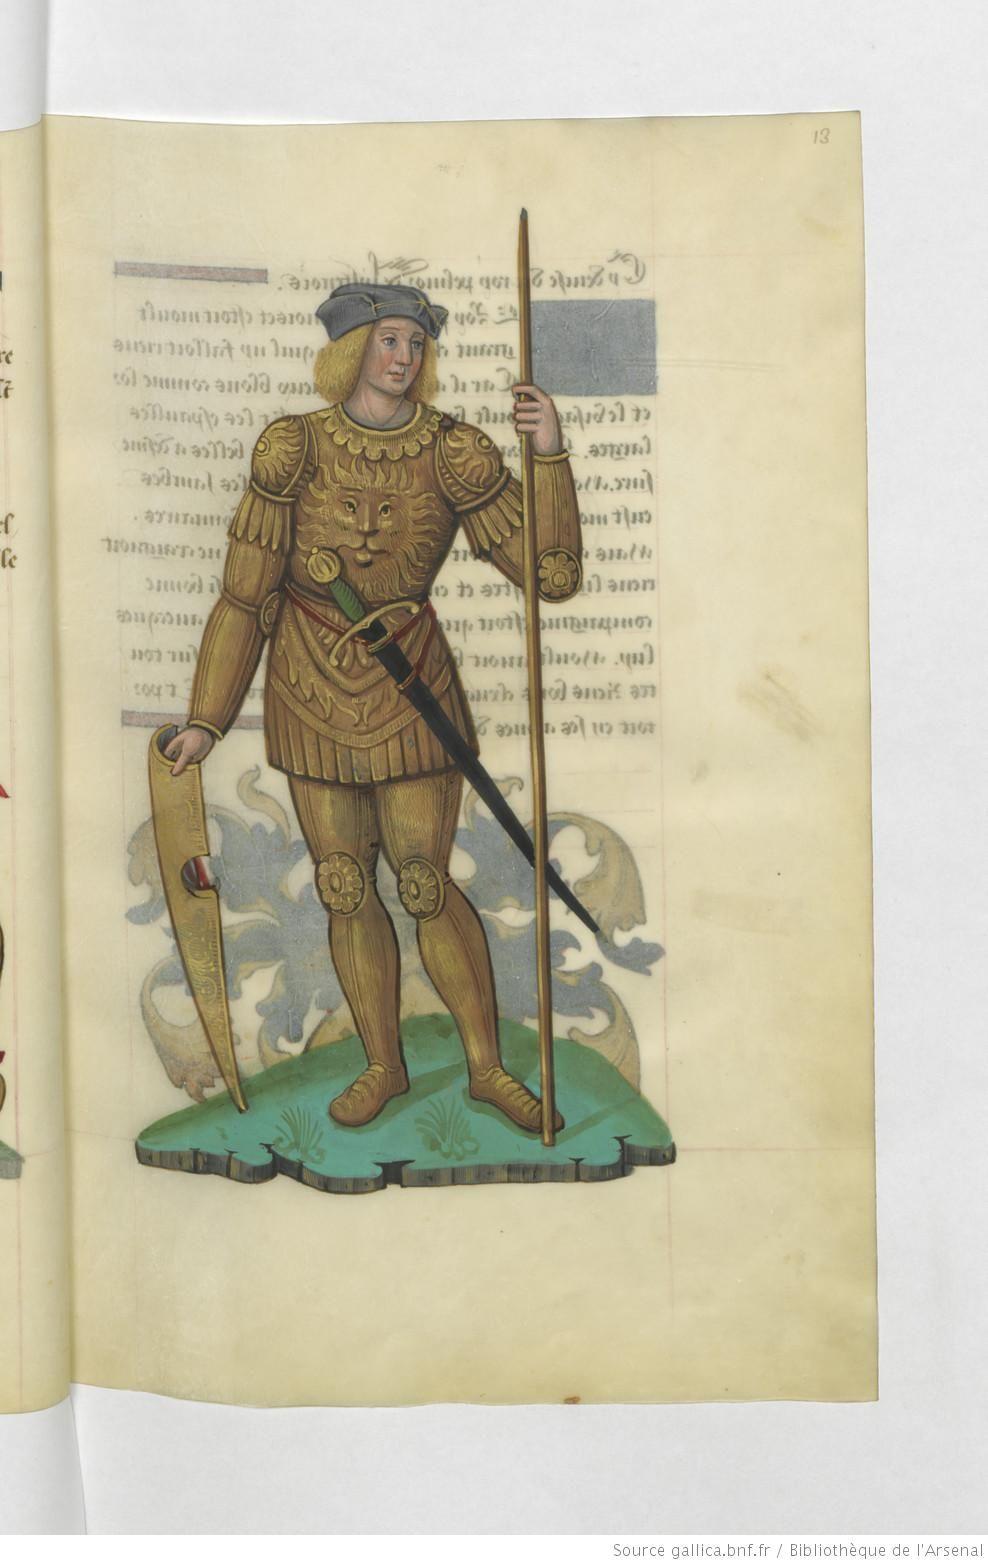 Ce sont les noms armes et blasons des chevaliers et - Blason chevalier table ronde ...